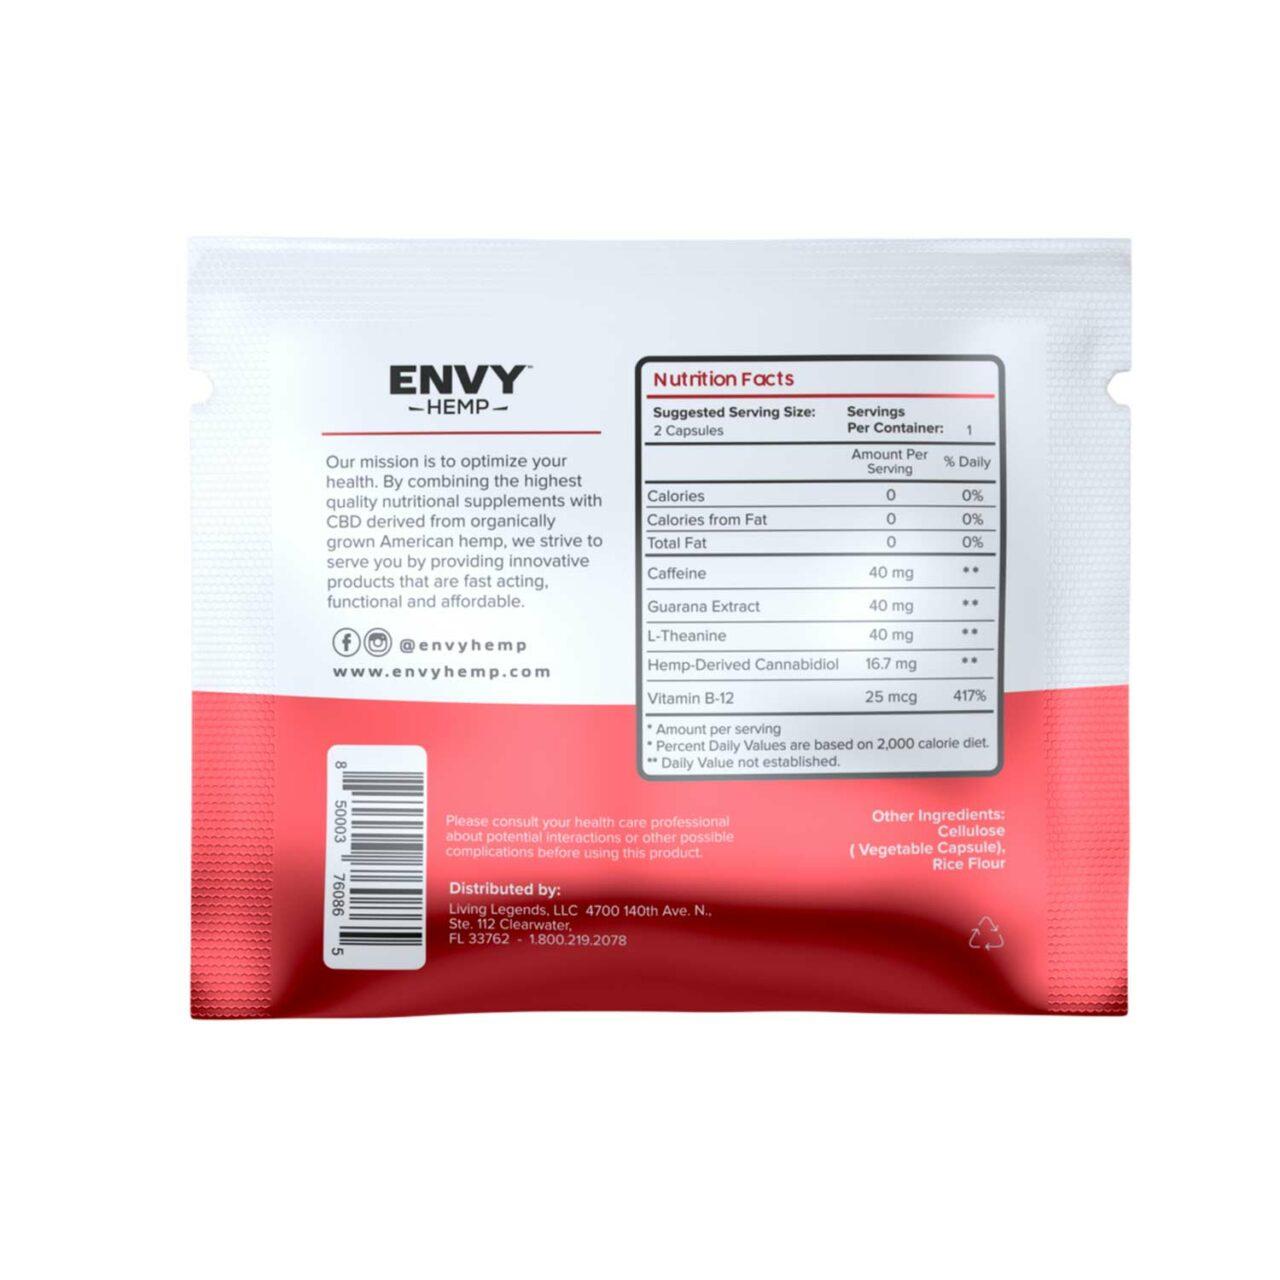 Envy0014